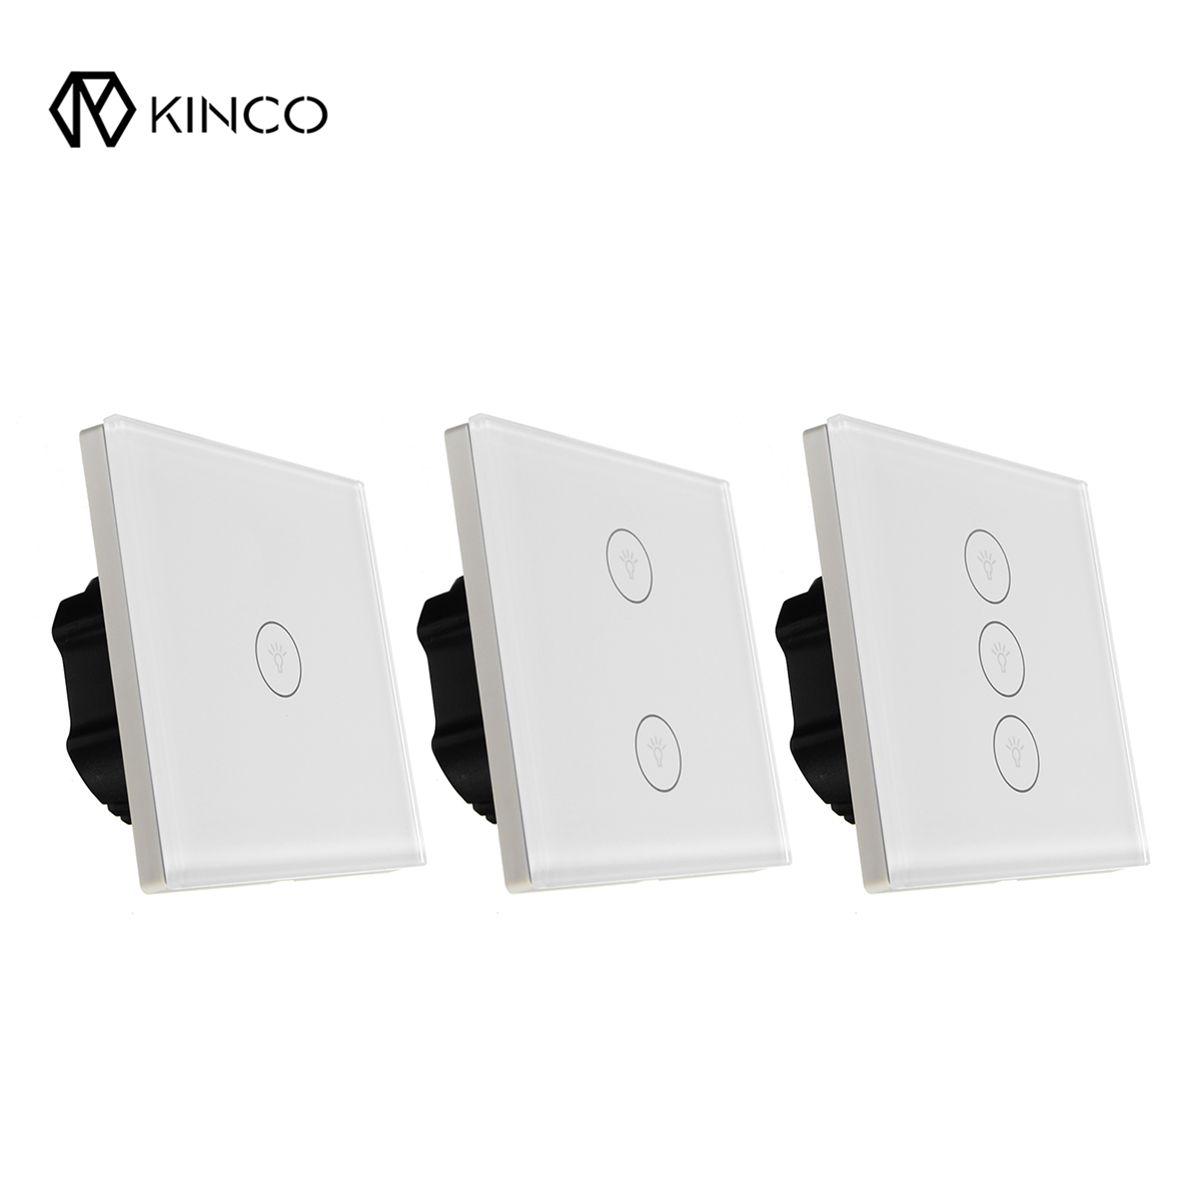 Kinco WIFI Smart-Wand EU 1/2/3 Gang Schalter Touch Panel Smart Home Timing APP Fernbedienung für Home Automation modul